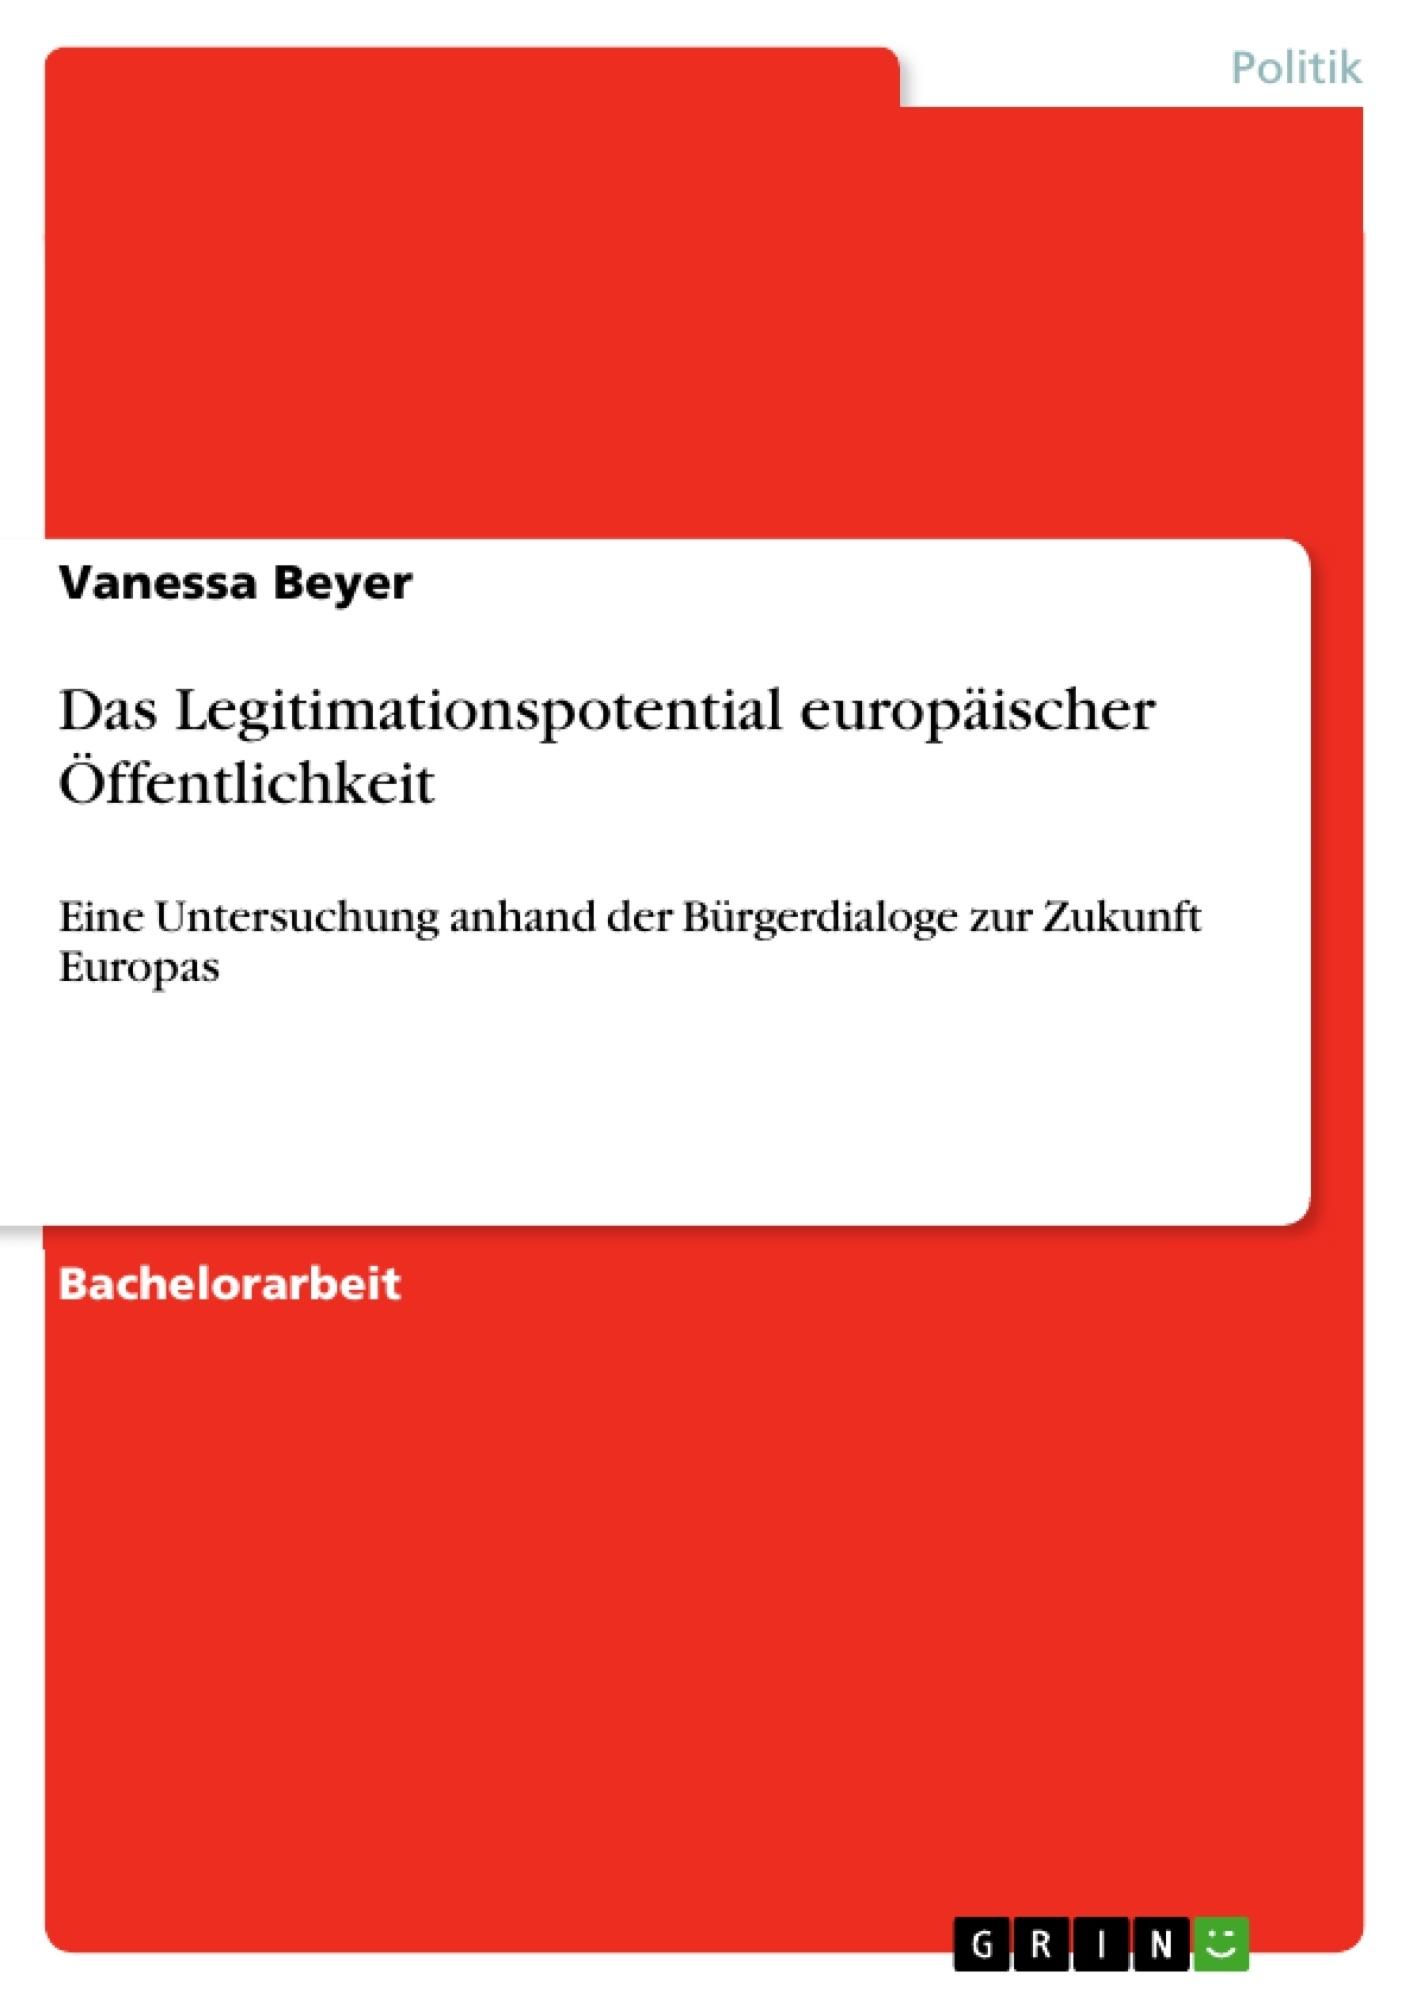 Titel: Das Legitimationspotential europäischer Öffentlichkeit